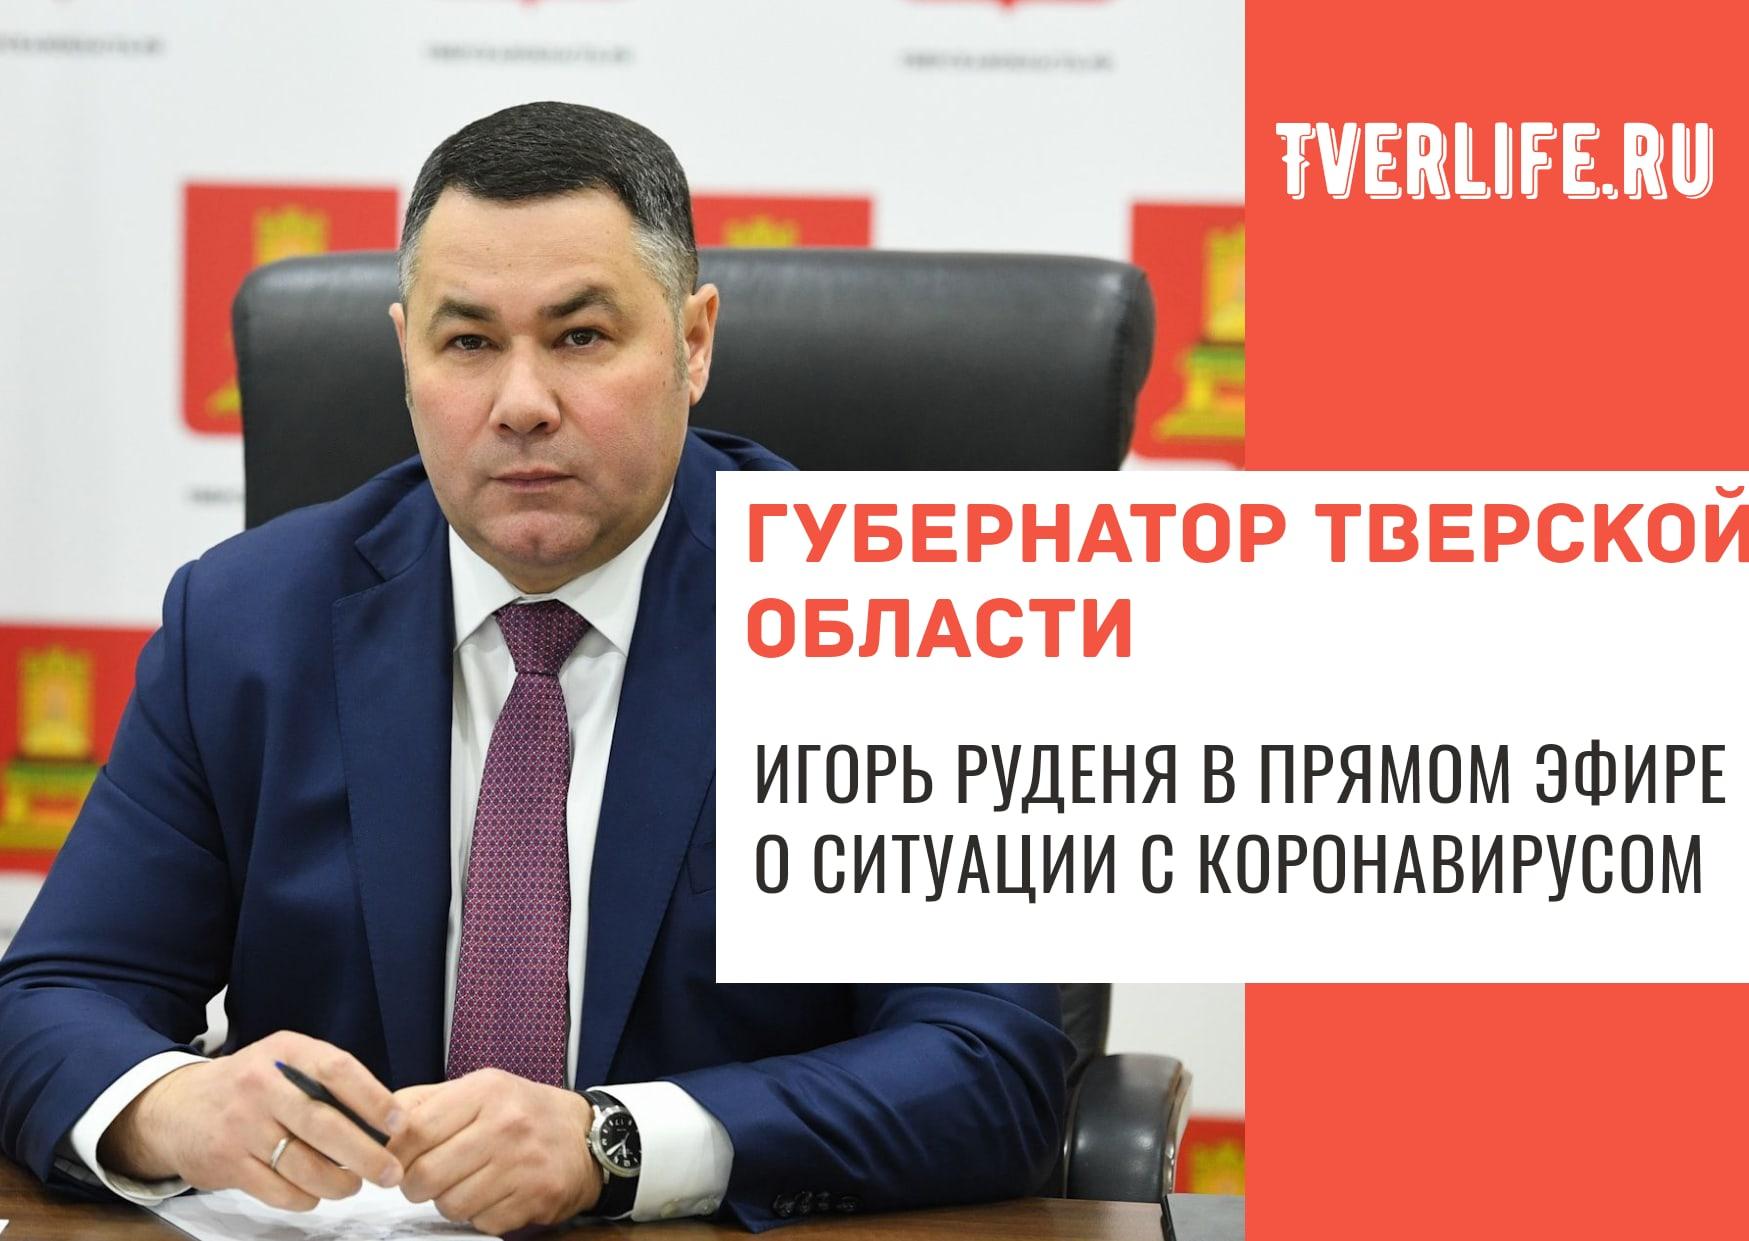 Губернатор в прямом эфире расскажет о снятии ограничений из-за коронавируса в Тверской области